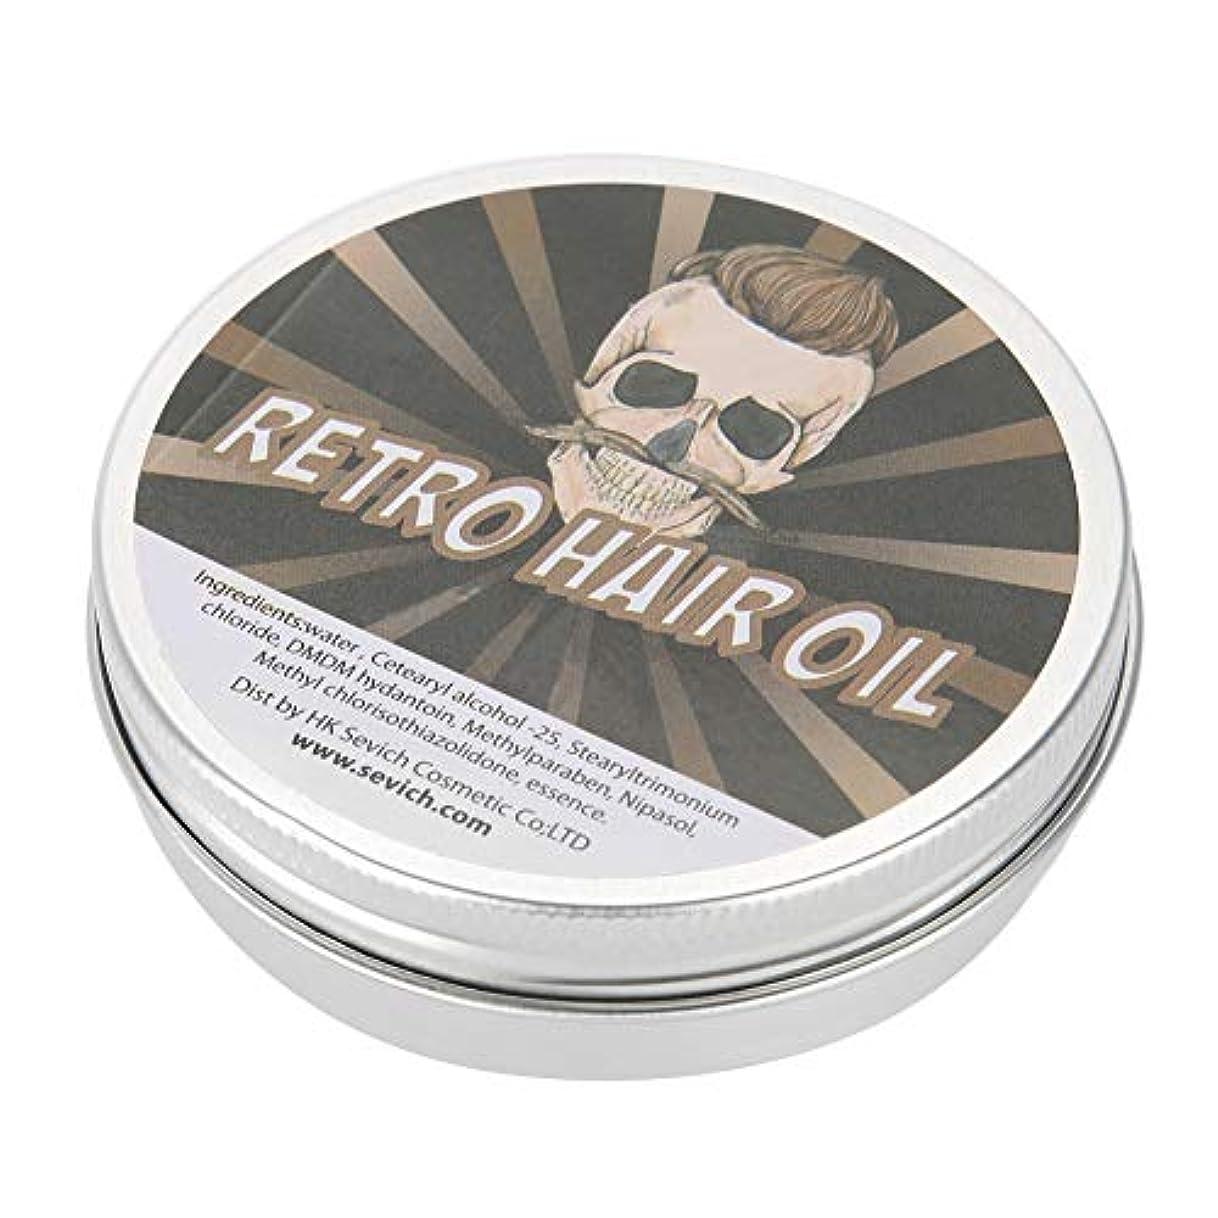 証明記念品十代ヘアワックス パーフェクトロング 永続的なヘアワックス 水ベースのヘアスタイリング ポマードヘアモデリングワックス